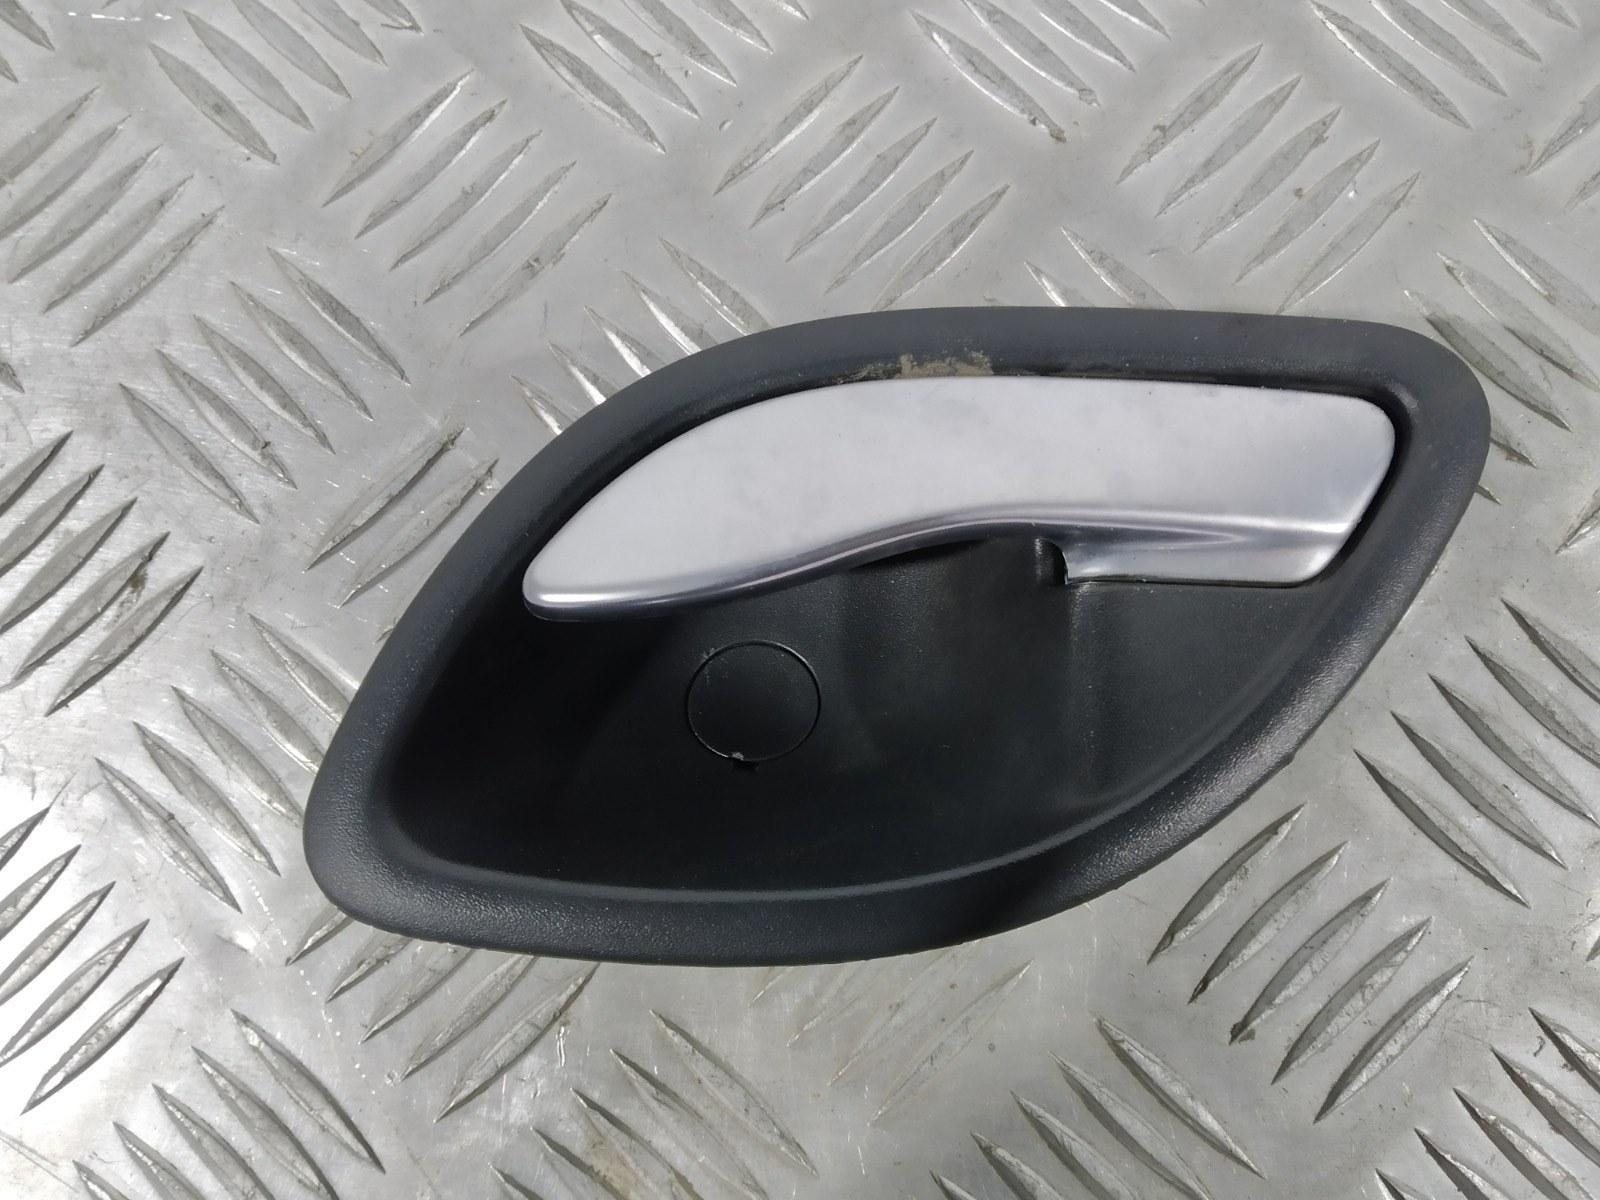 Ручка внутренняя передняя левая Renault Laguna 1.9 DCI 2005 (б/у)